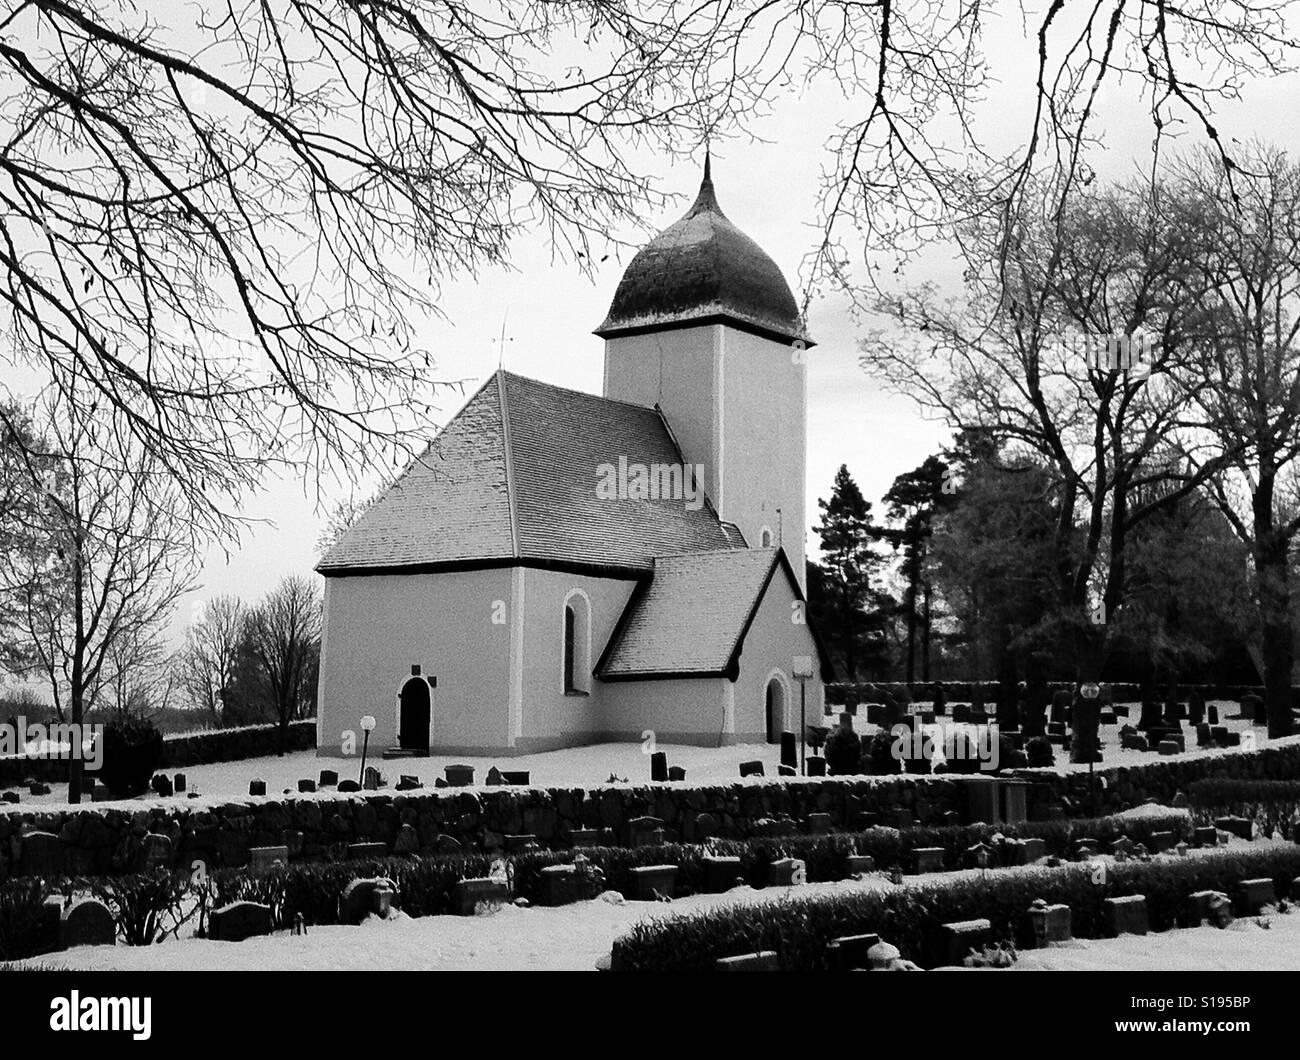 Église de Husby-Ärlinghundra en dehors de Märsta, Suède Banque D'Images